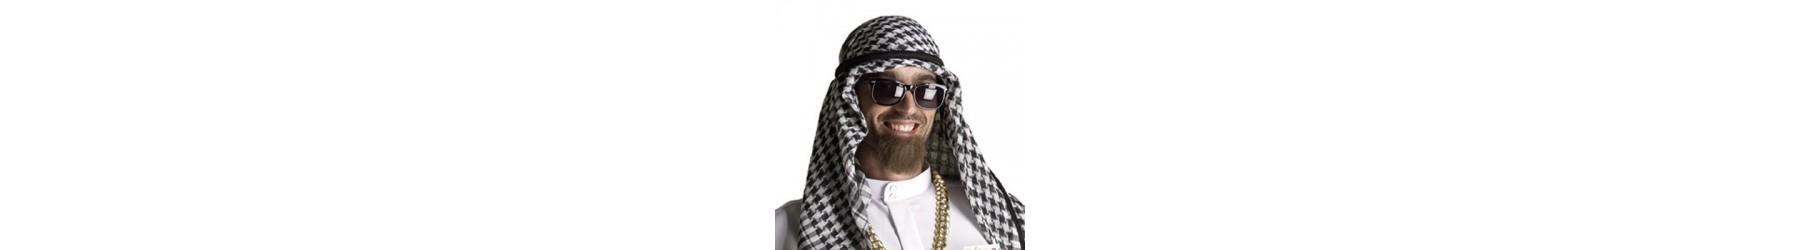 Αξεσουάρ για αποκριάτικες στολές άραβα σουλτάνου και μαχαραγιά